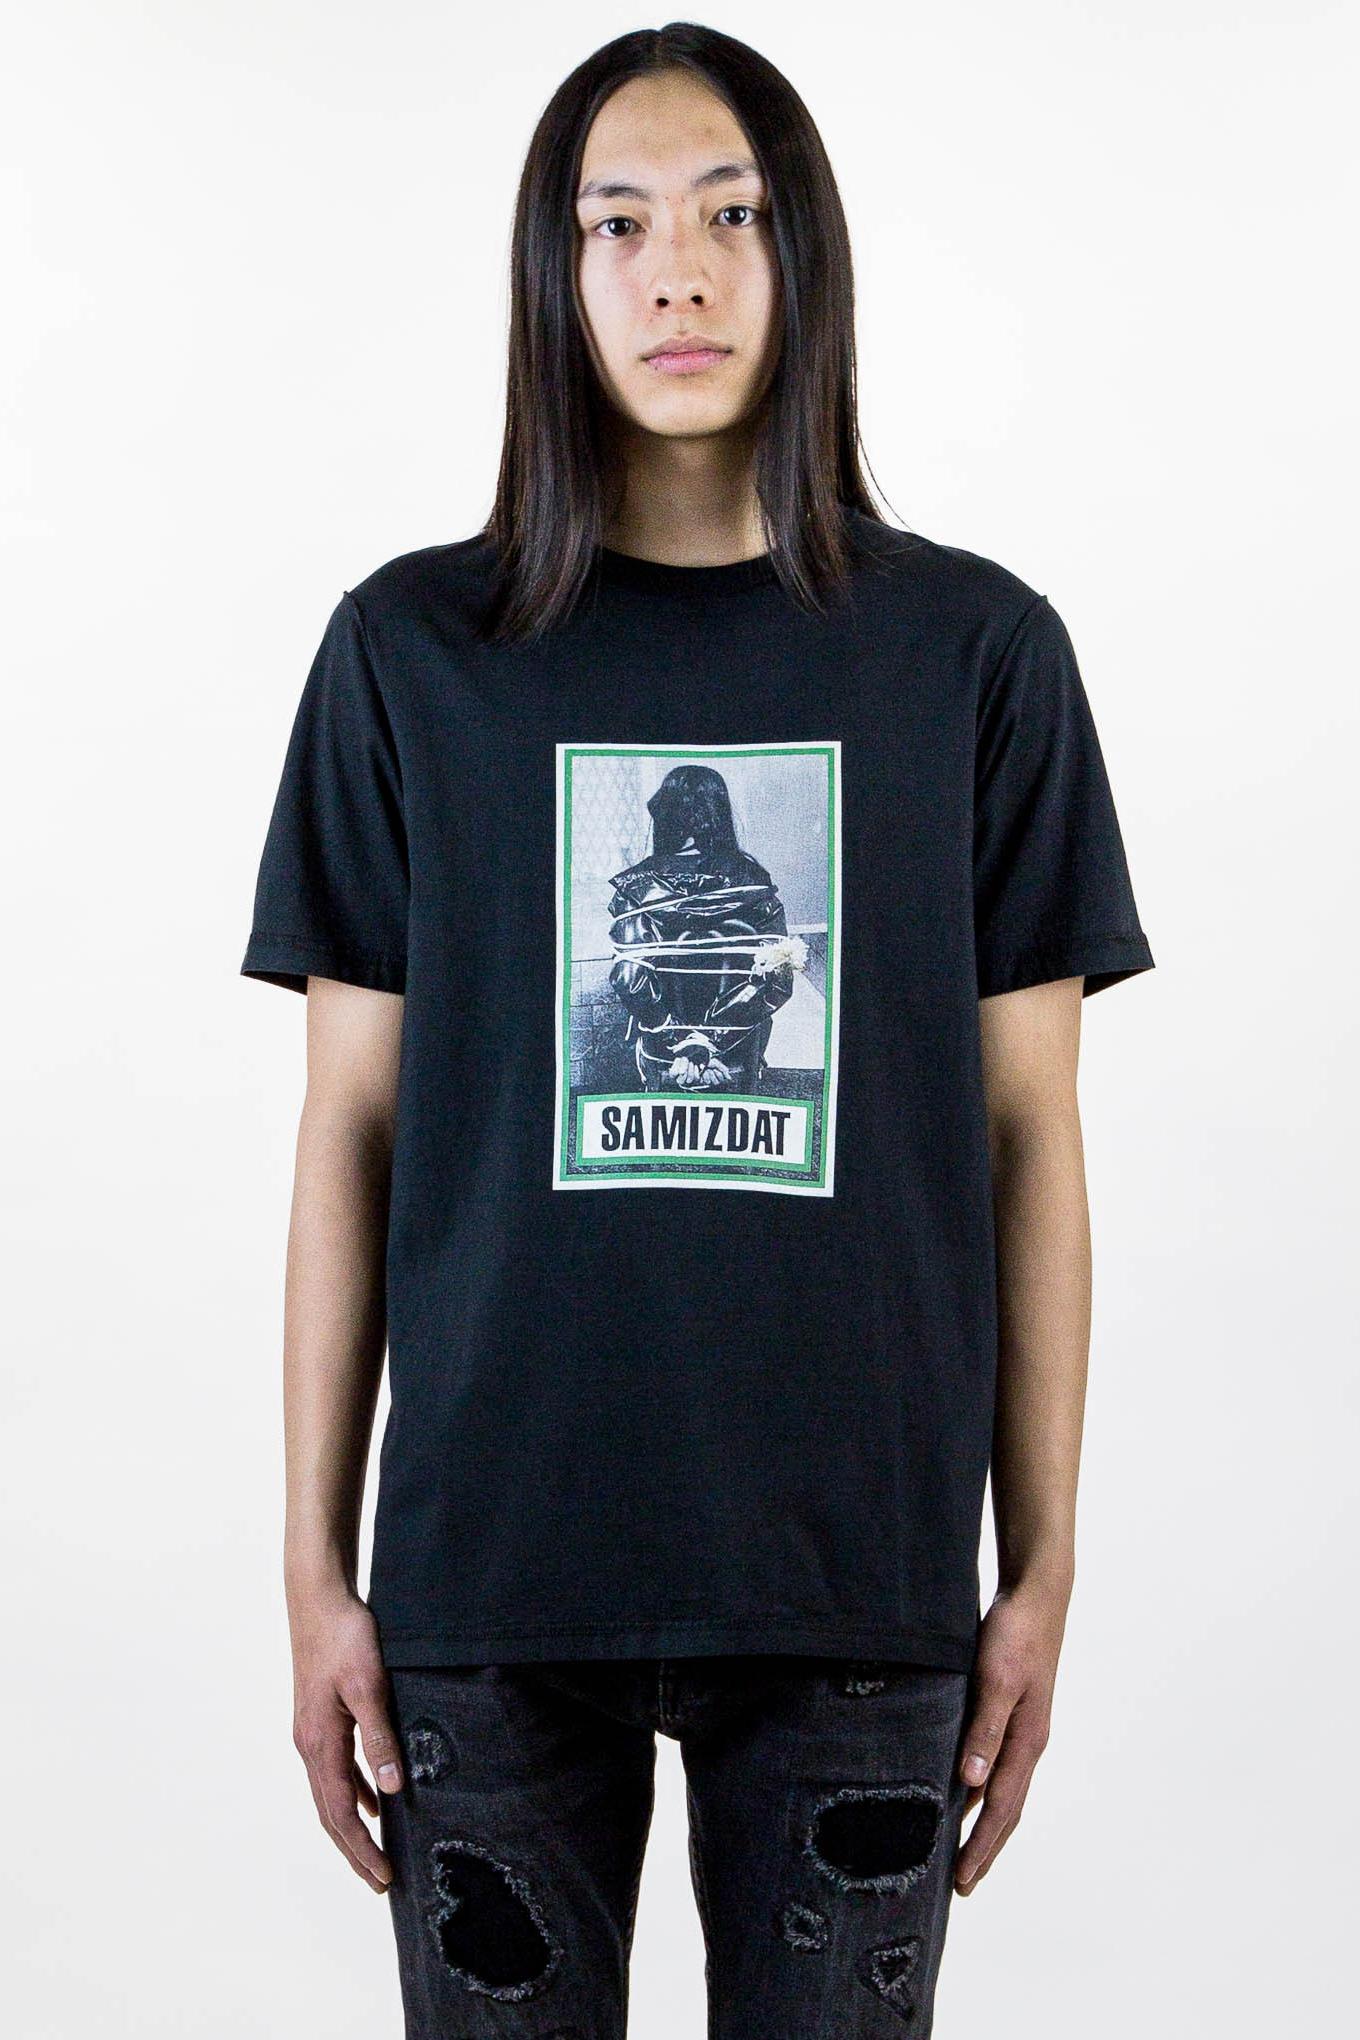 Yang Li SAMIZDAT T-shirt Hoodie Tote Lighter - 1844531